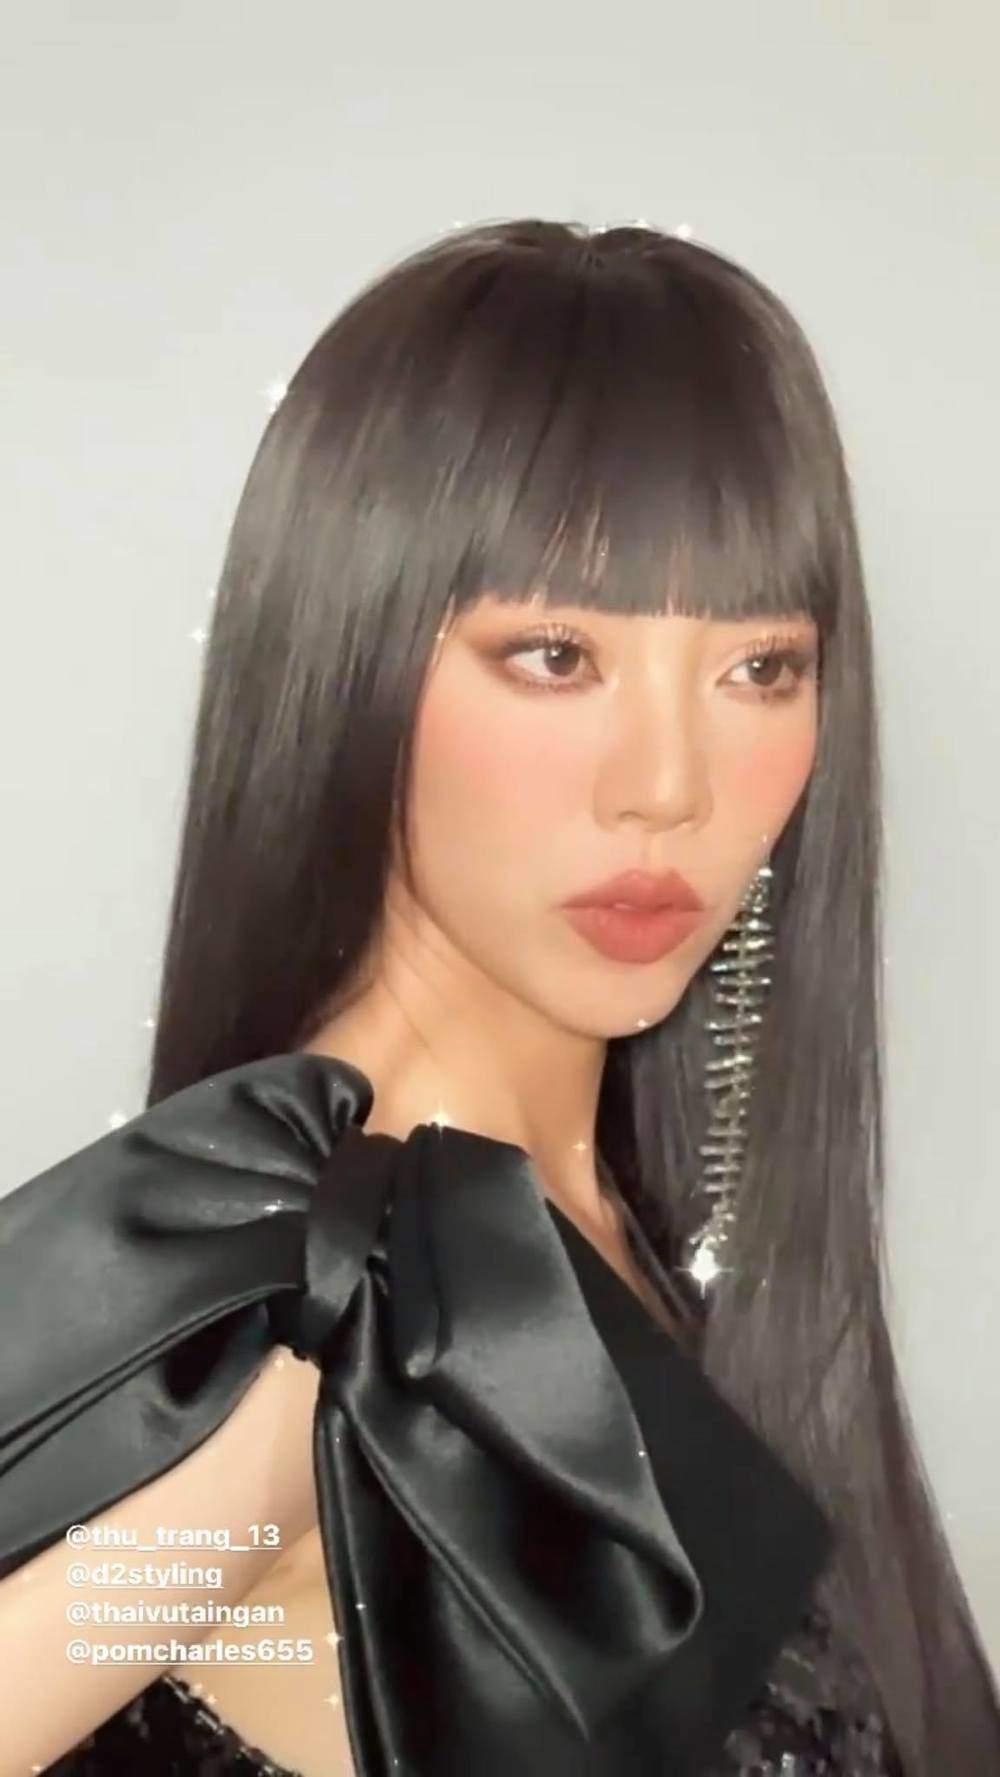 Thu Trang lại biến hình với diện mạo mới, fans lo ngại Tiến Luật không nhận ra nổi